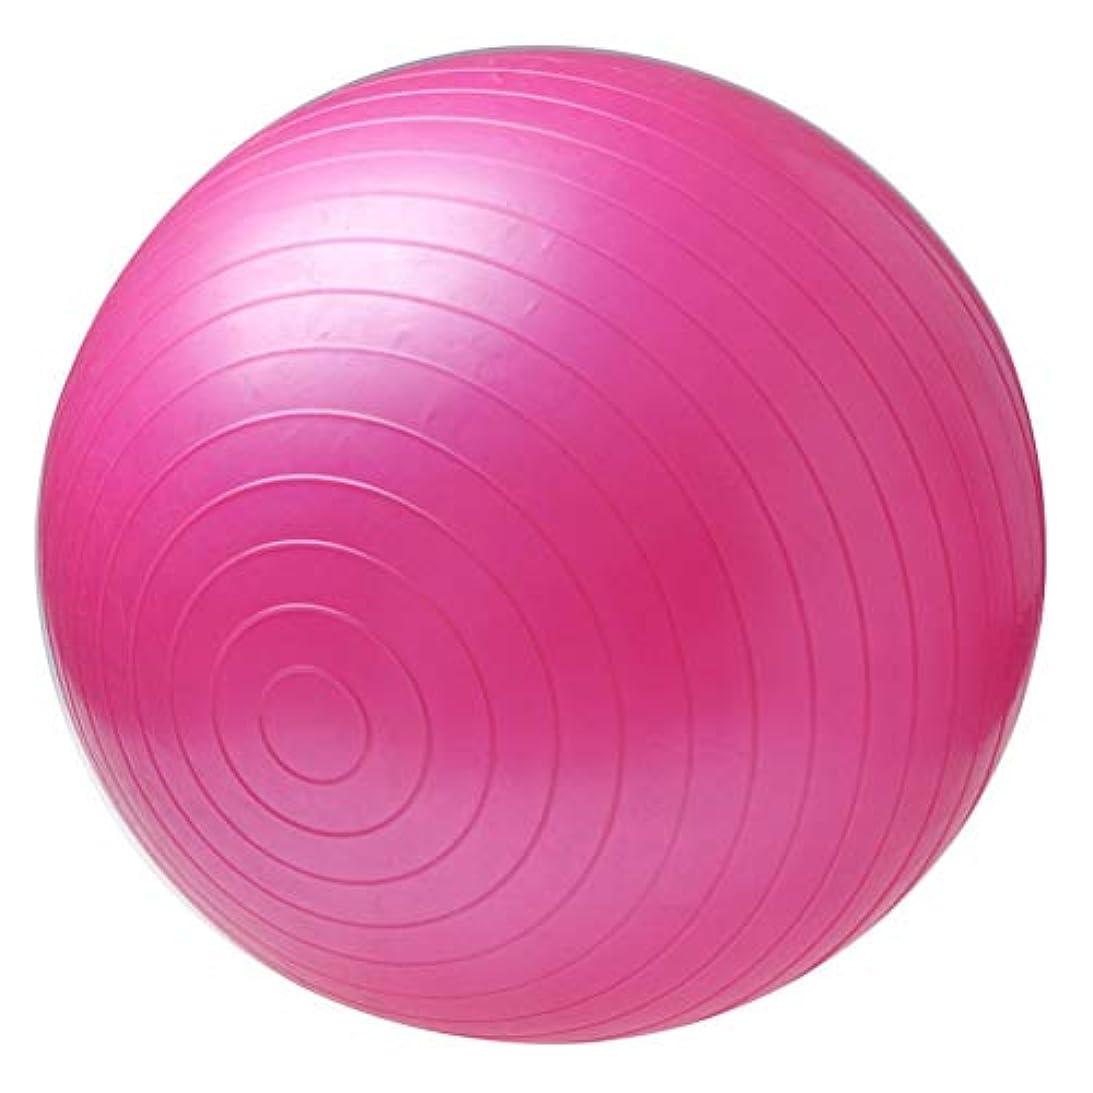 判定ハード怠惰非毒性スポーツヨガボールボラピラティスフィットネスジムバランスフィットボールエクササイズピラティスワークアウトマッサージボール - ピンク75センチ